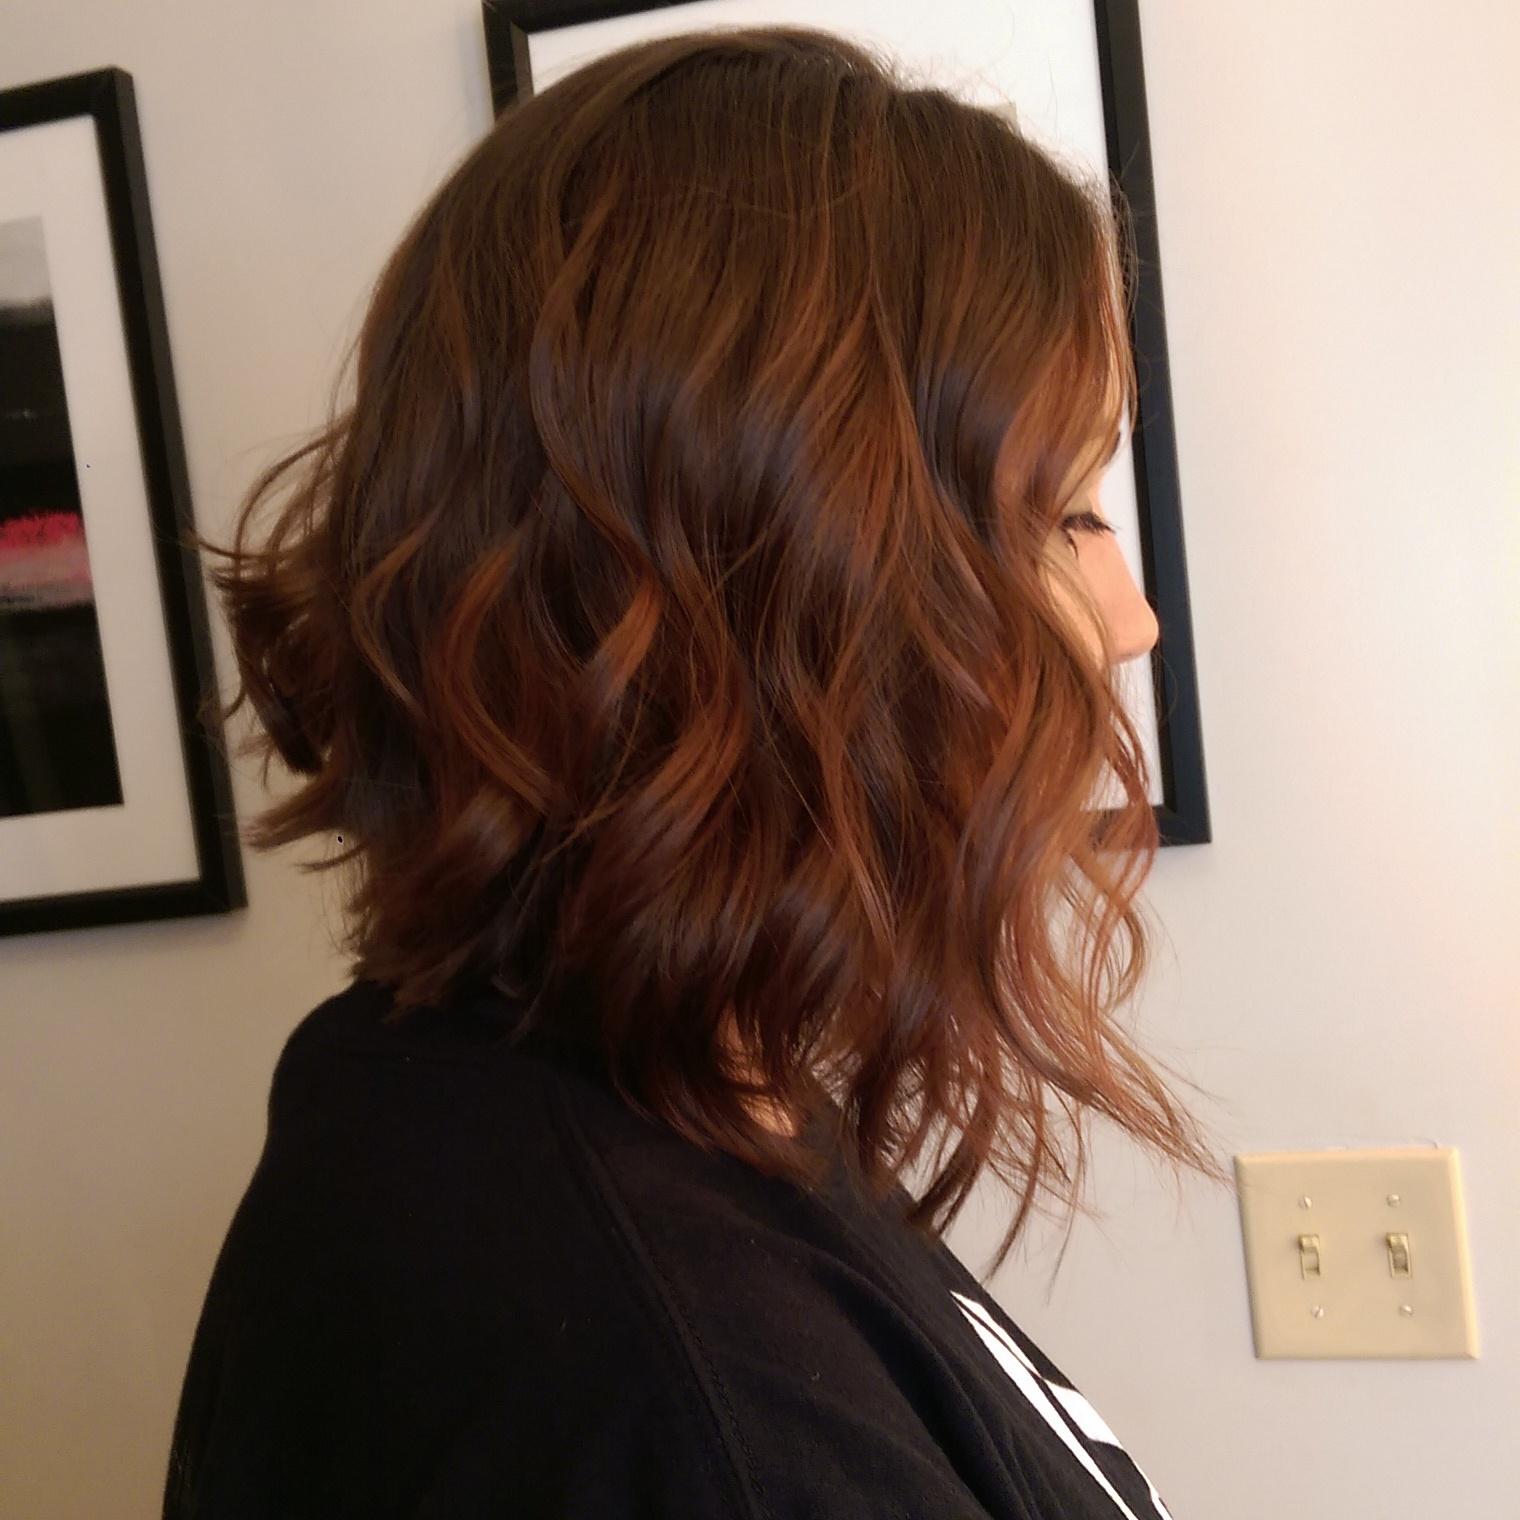 Haircut | Color by LAUREN